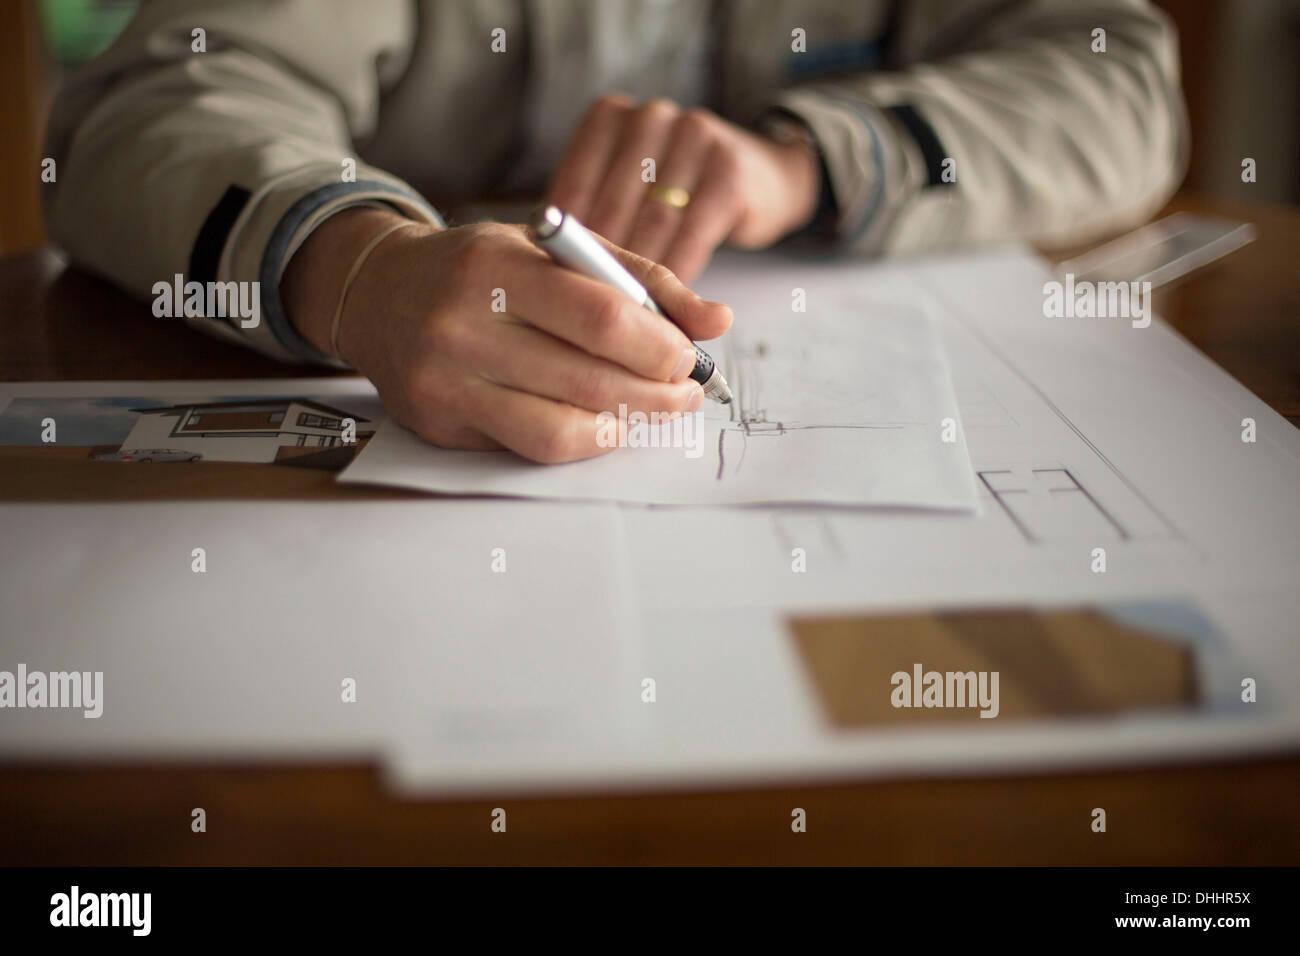 Sezione intermedia dell'uomo facendo il disegno tecnico Immagini Stock